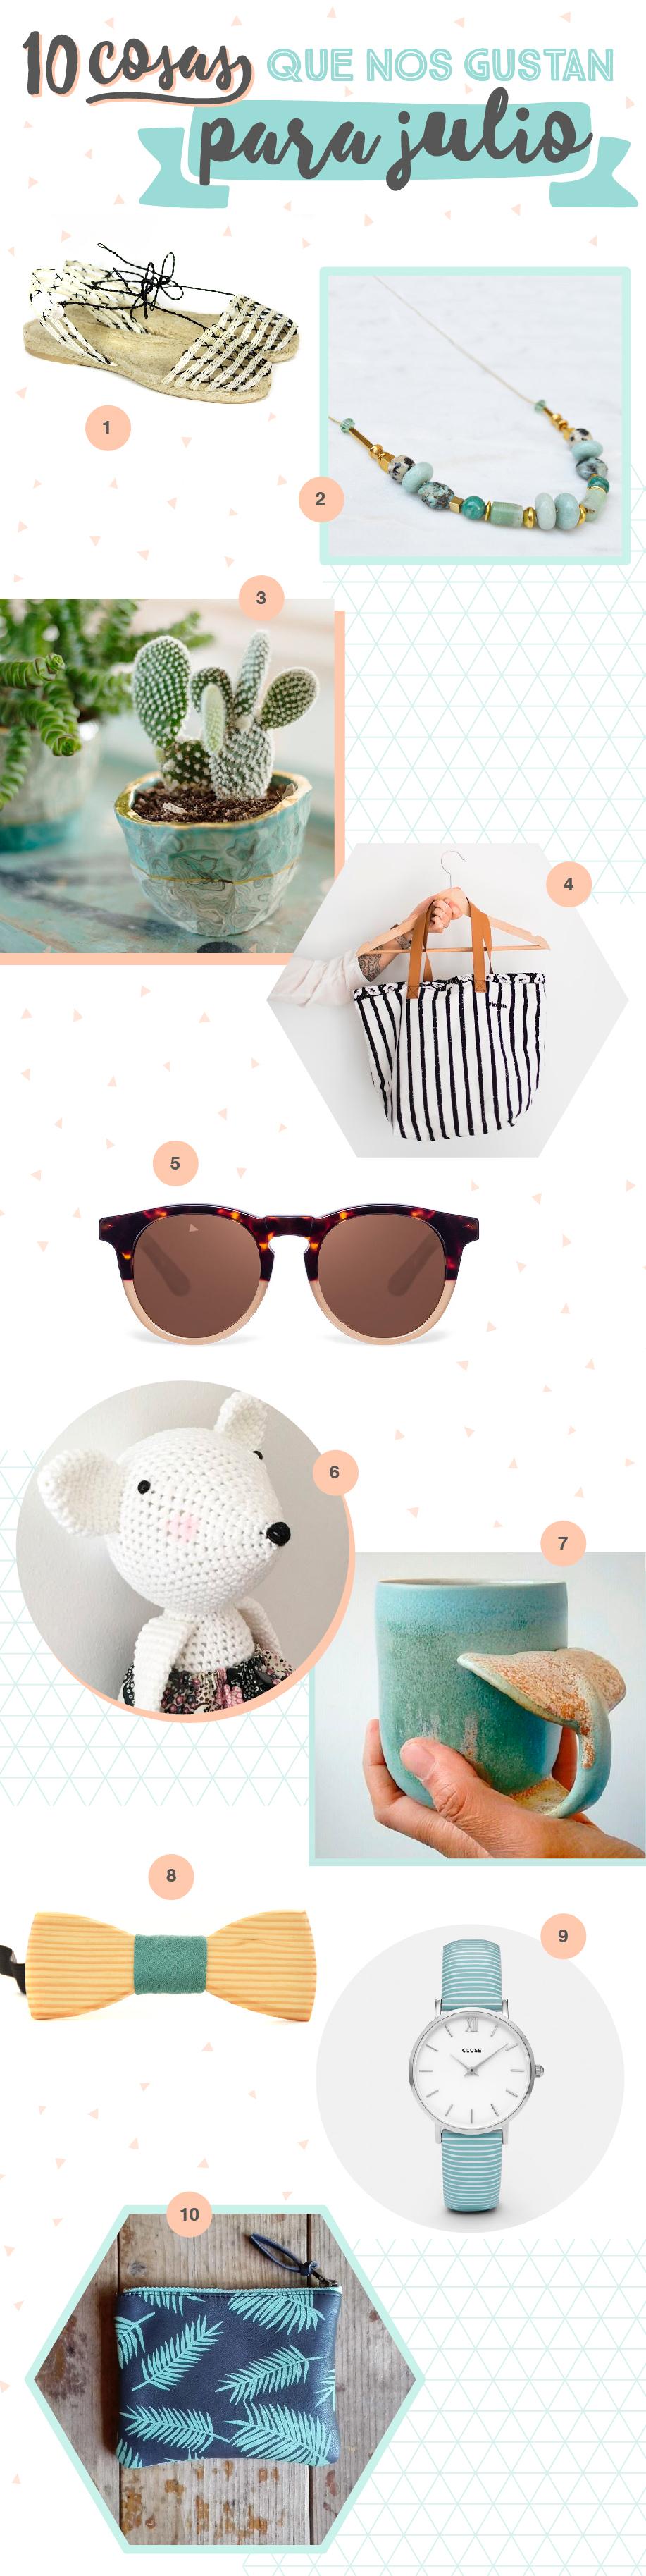 10 cosas que nos gustan para julio